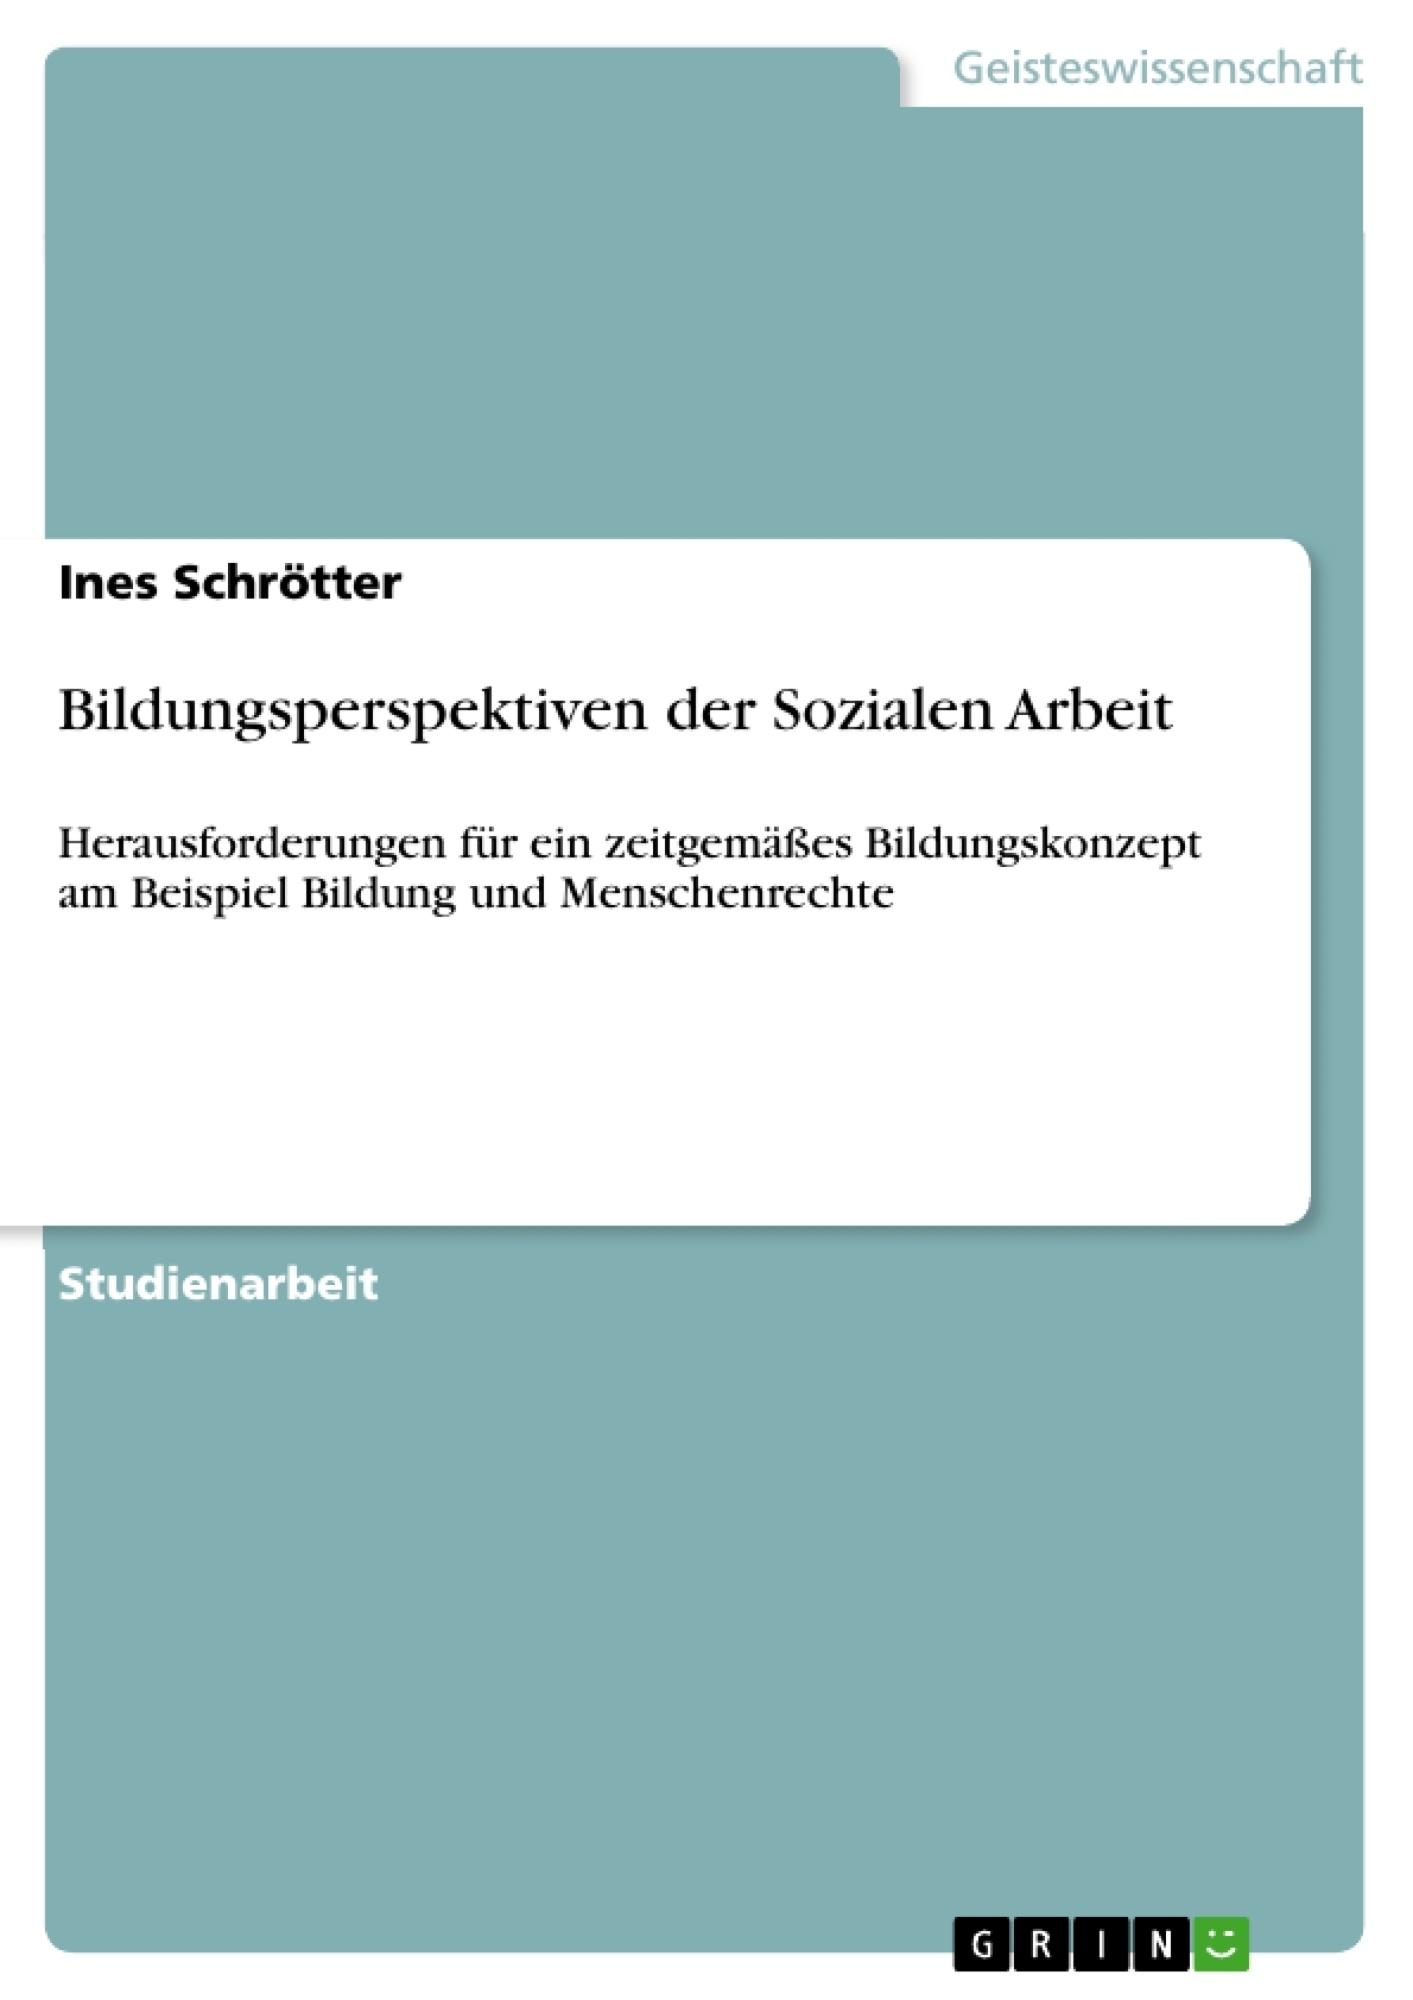 Titel: Bildungsperspektiven der Sozialen Arbeit